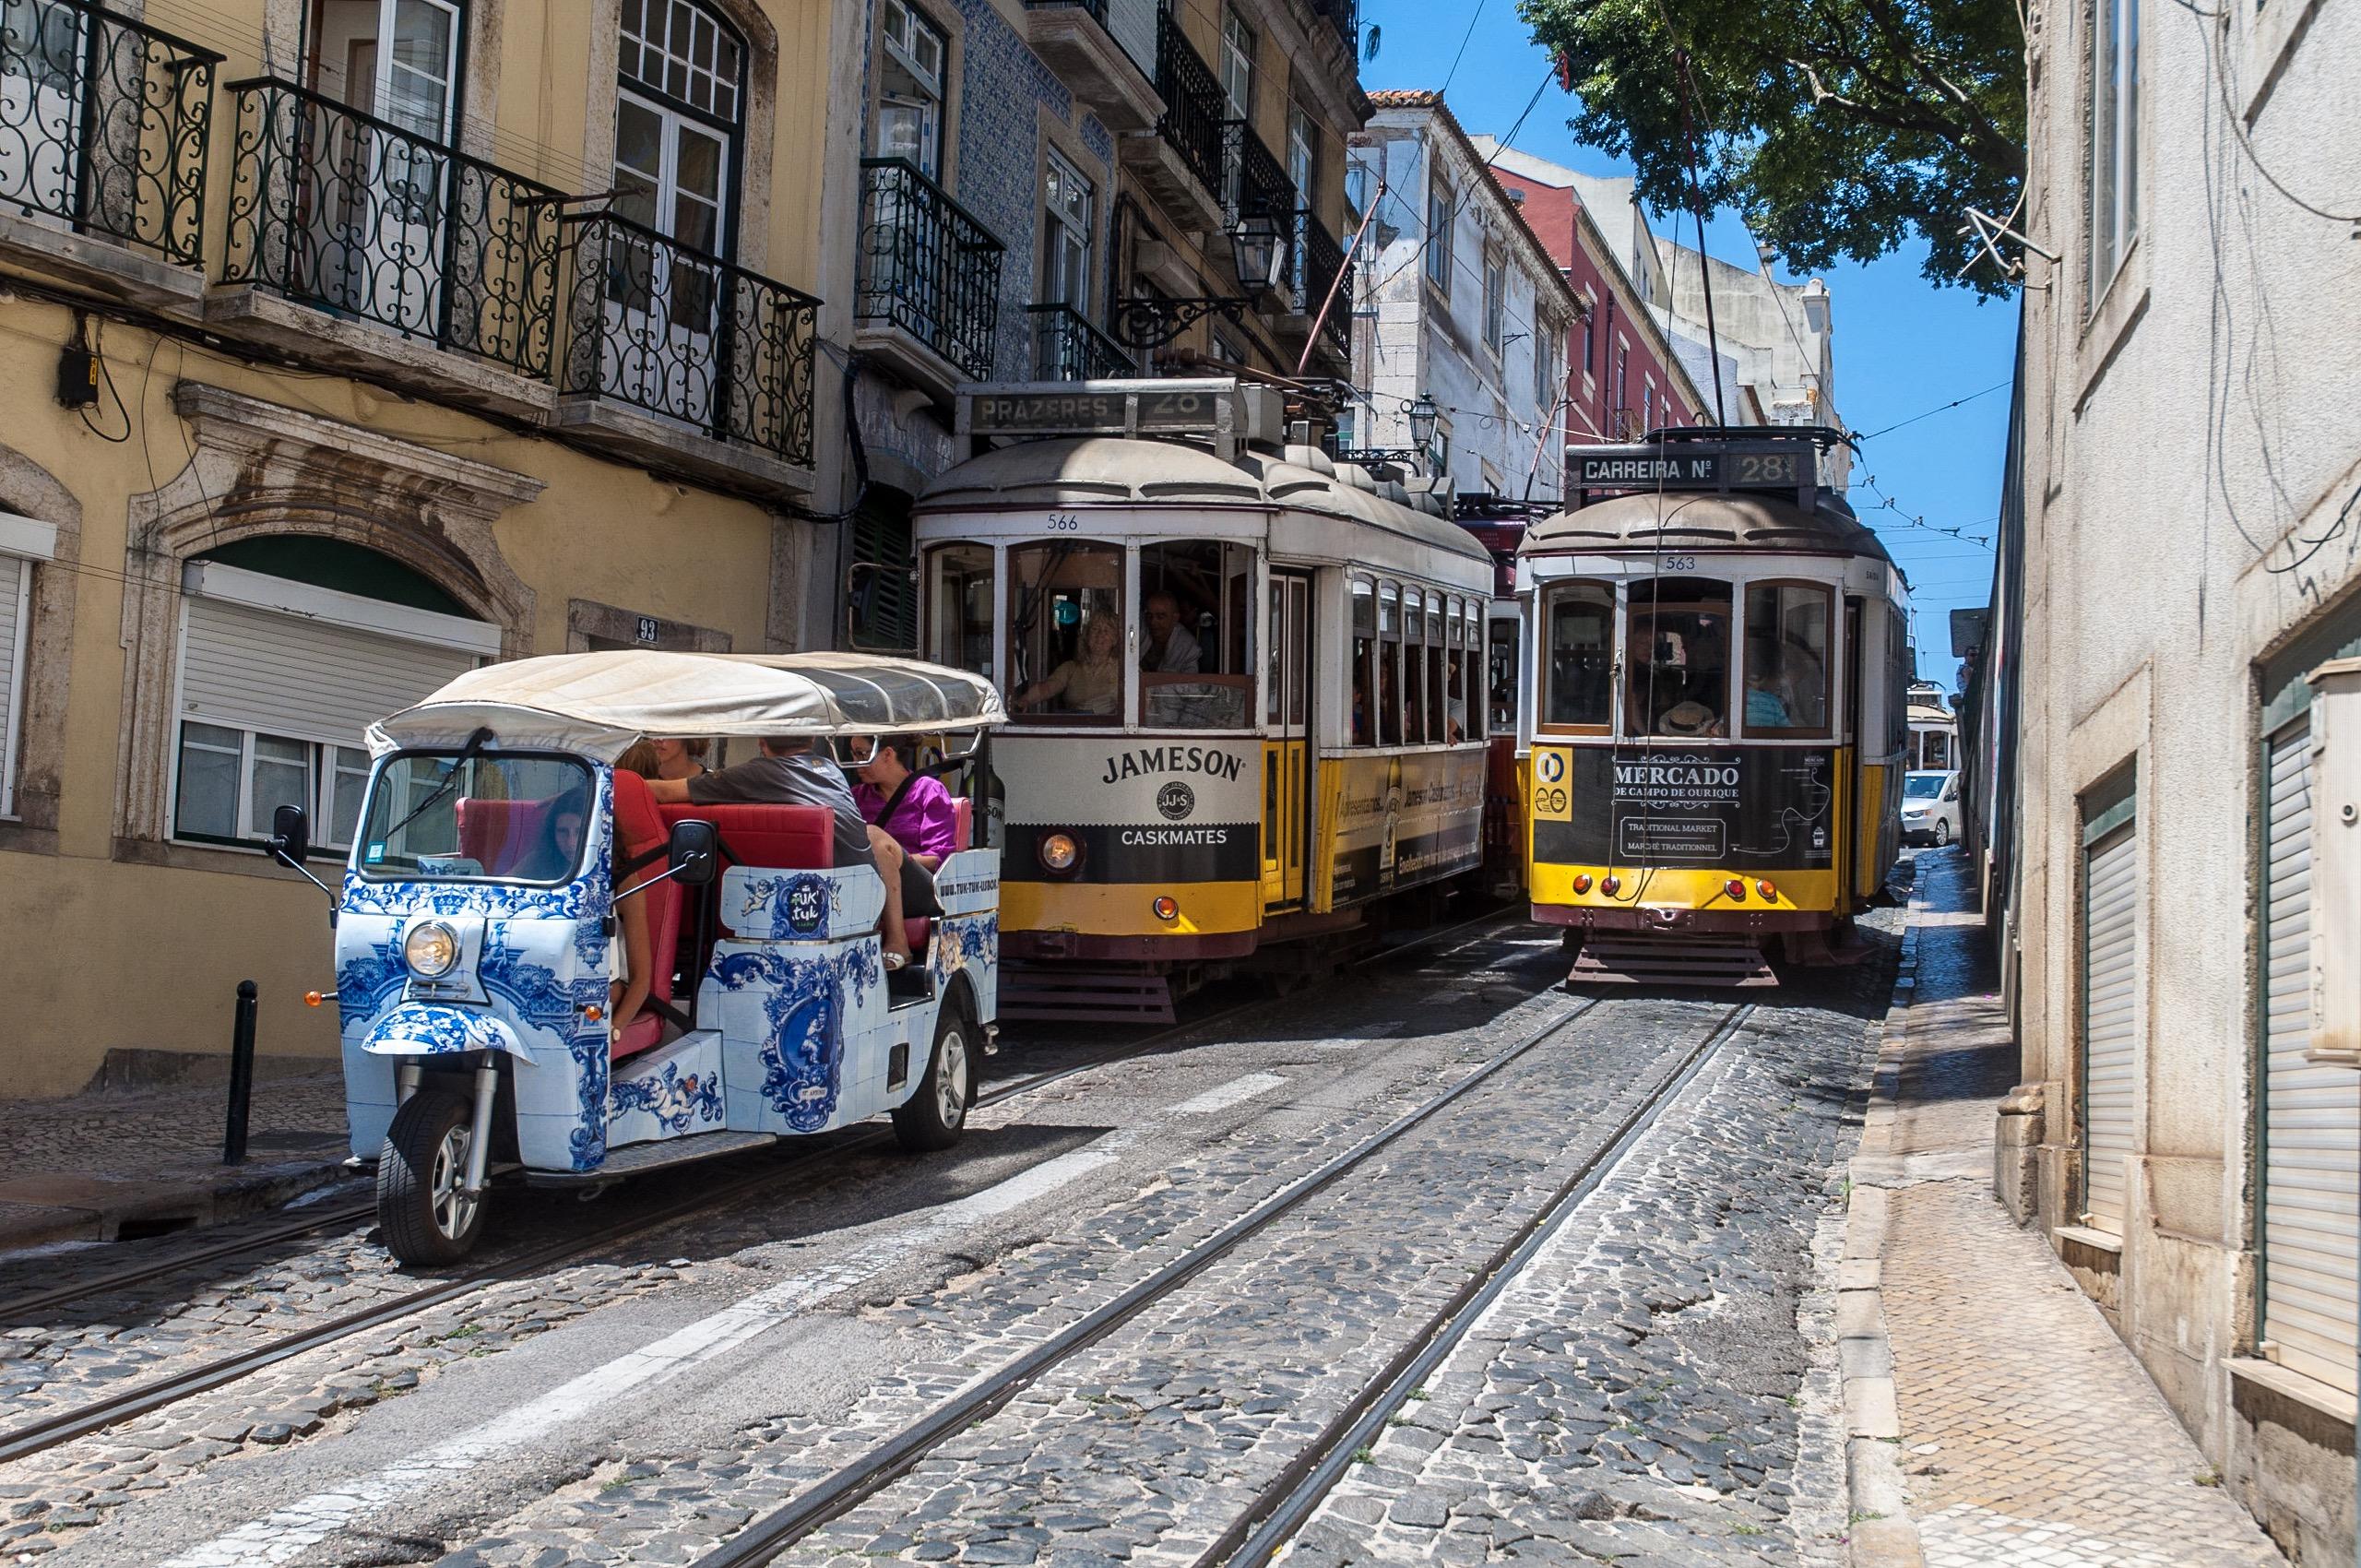 Carreira No 28, Calçada de São Vicente, Lissabon, Juli 2017